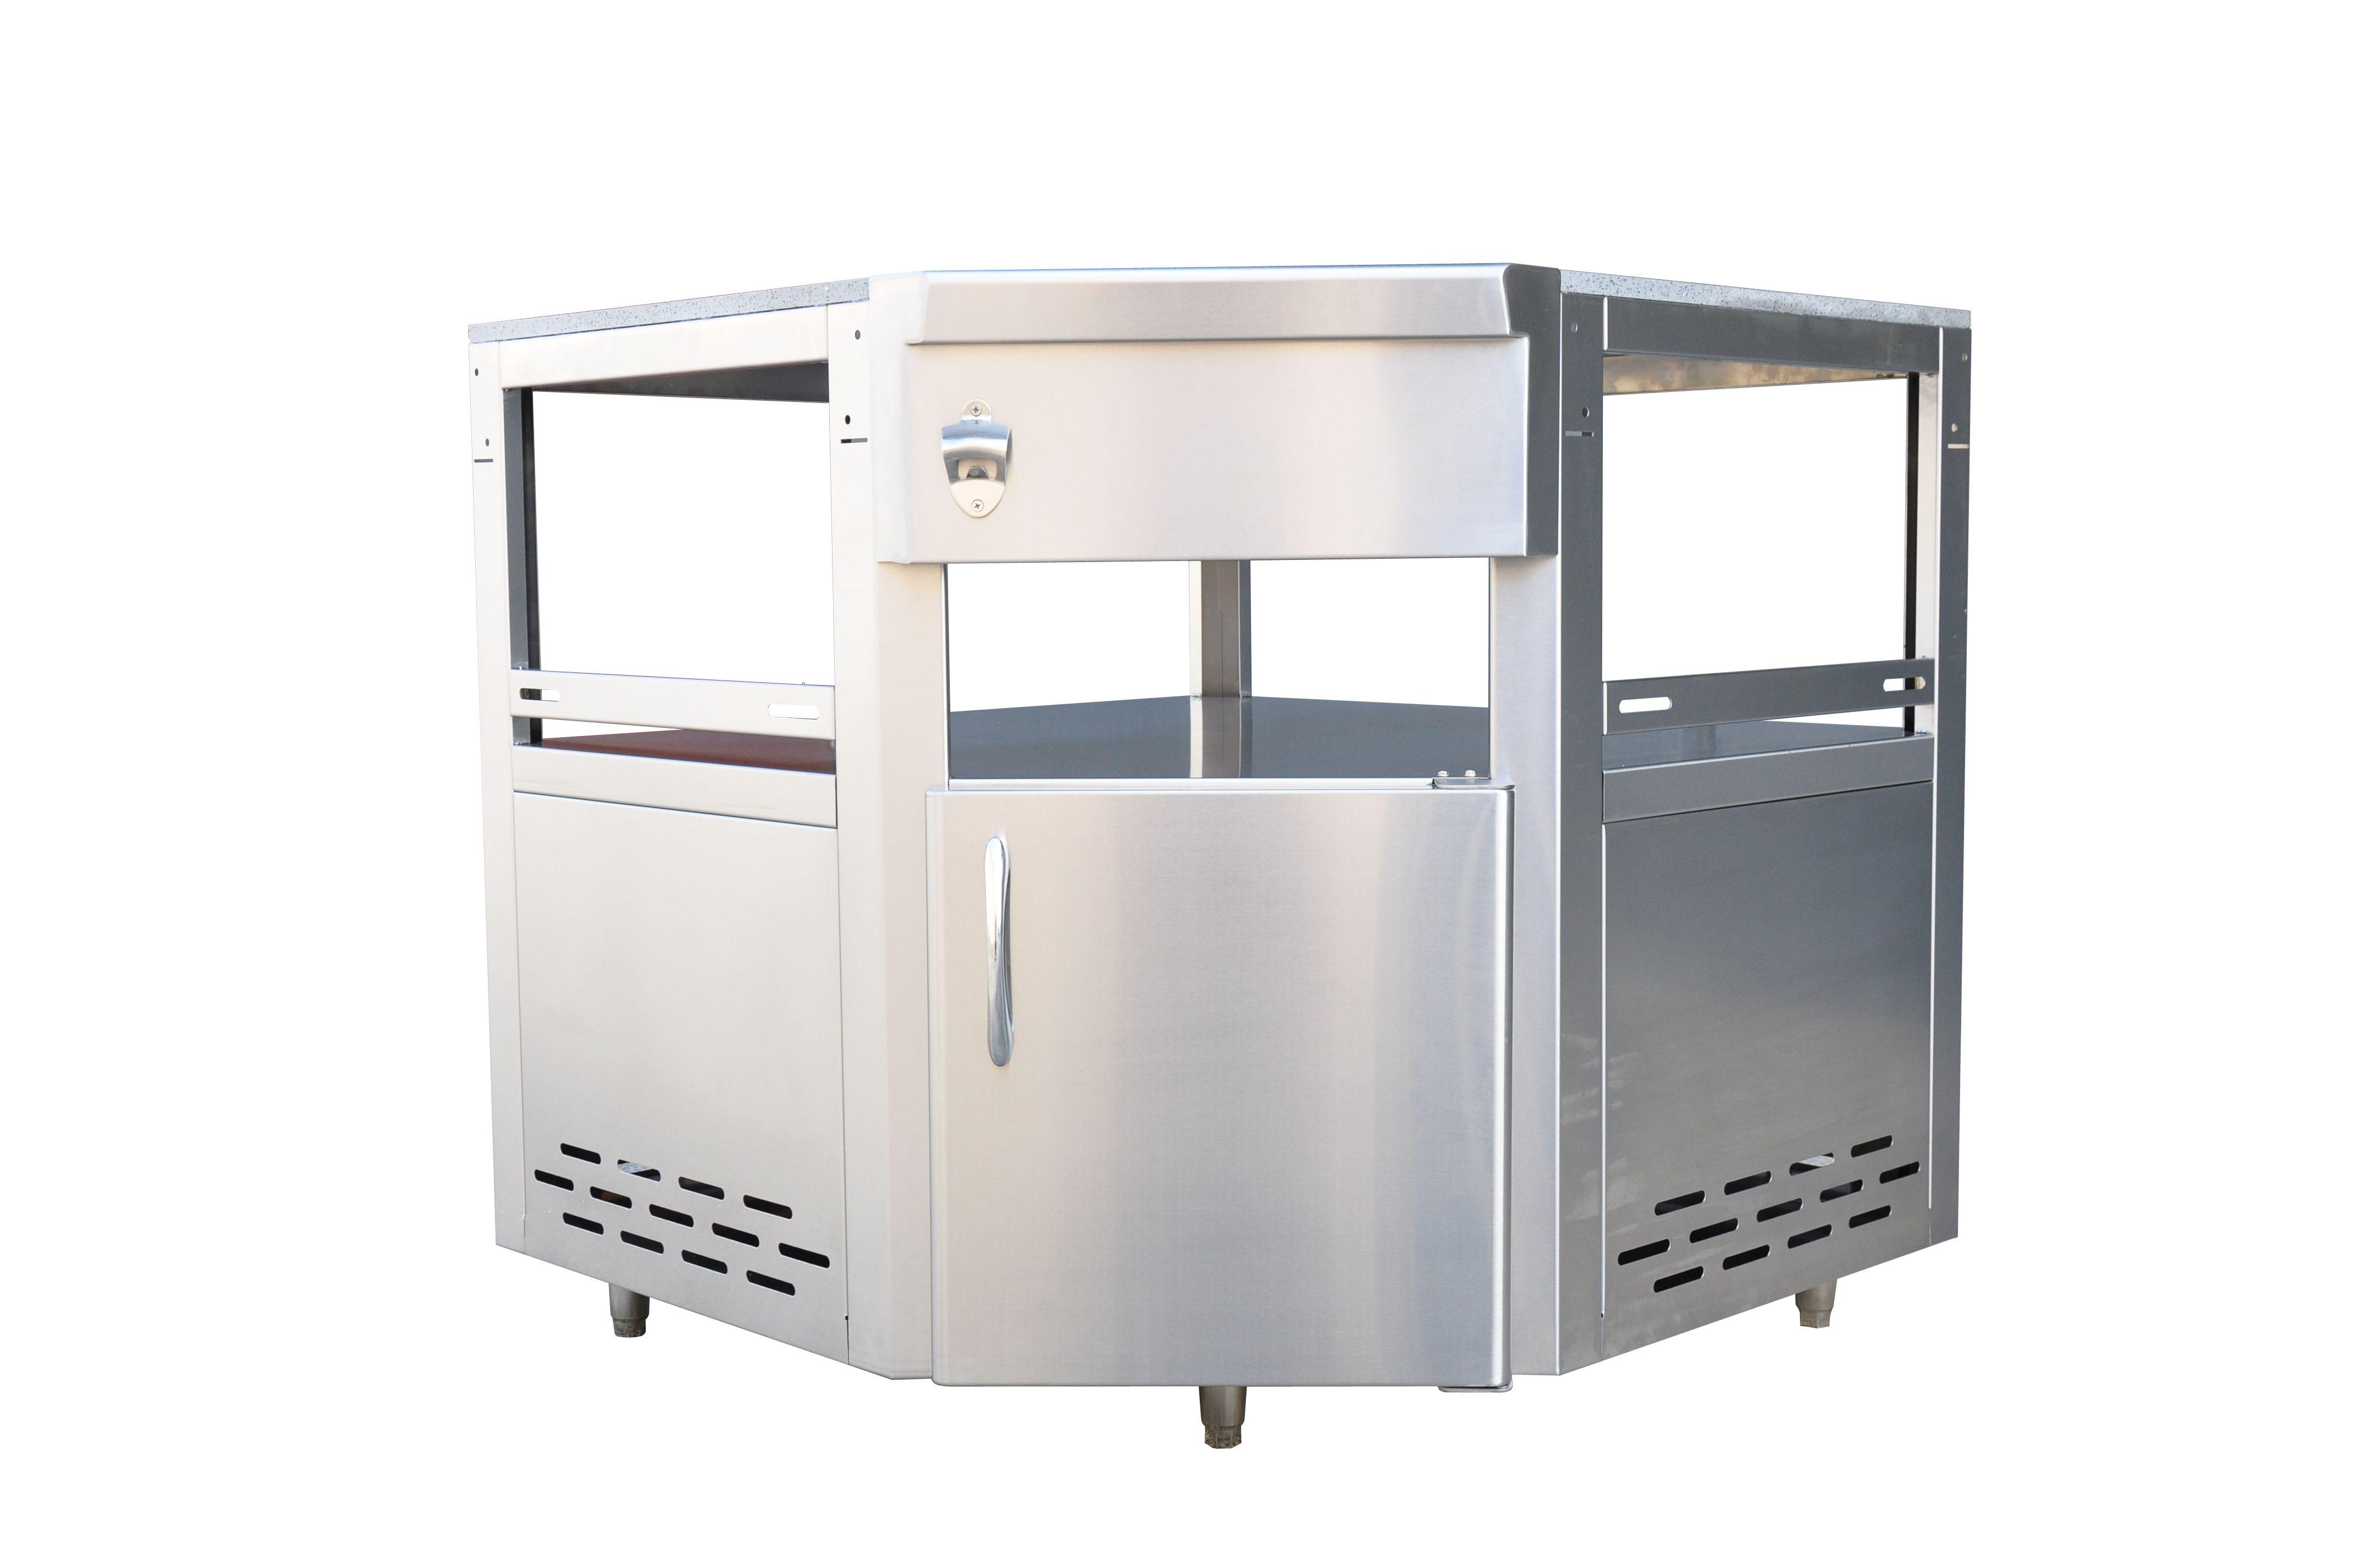 Outdoor kitchen module kamado grill corner unit grandfire bbq